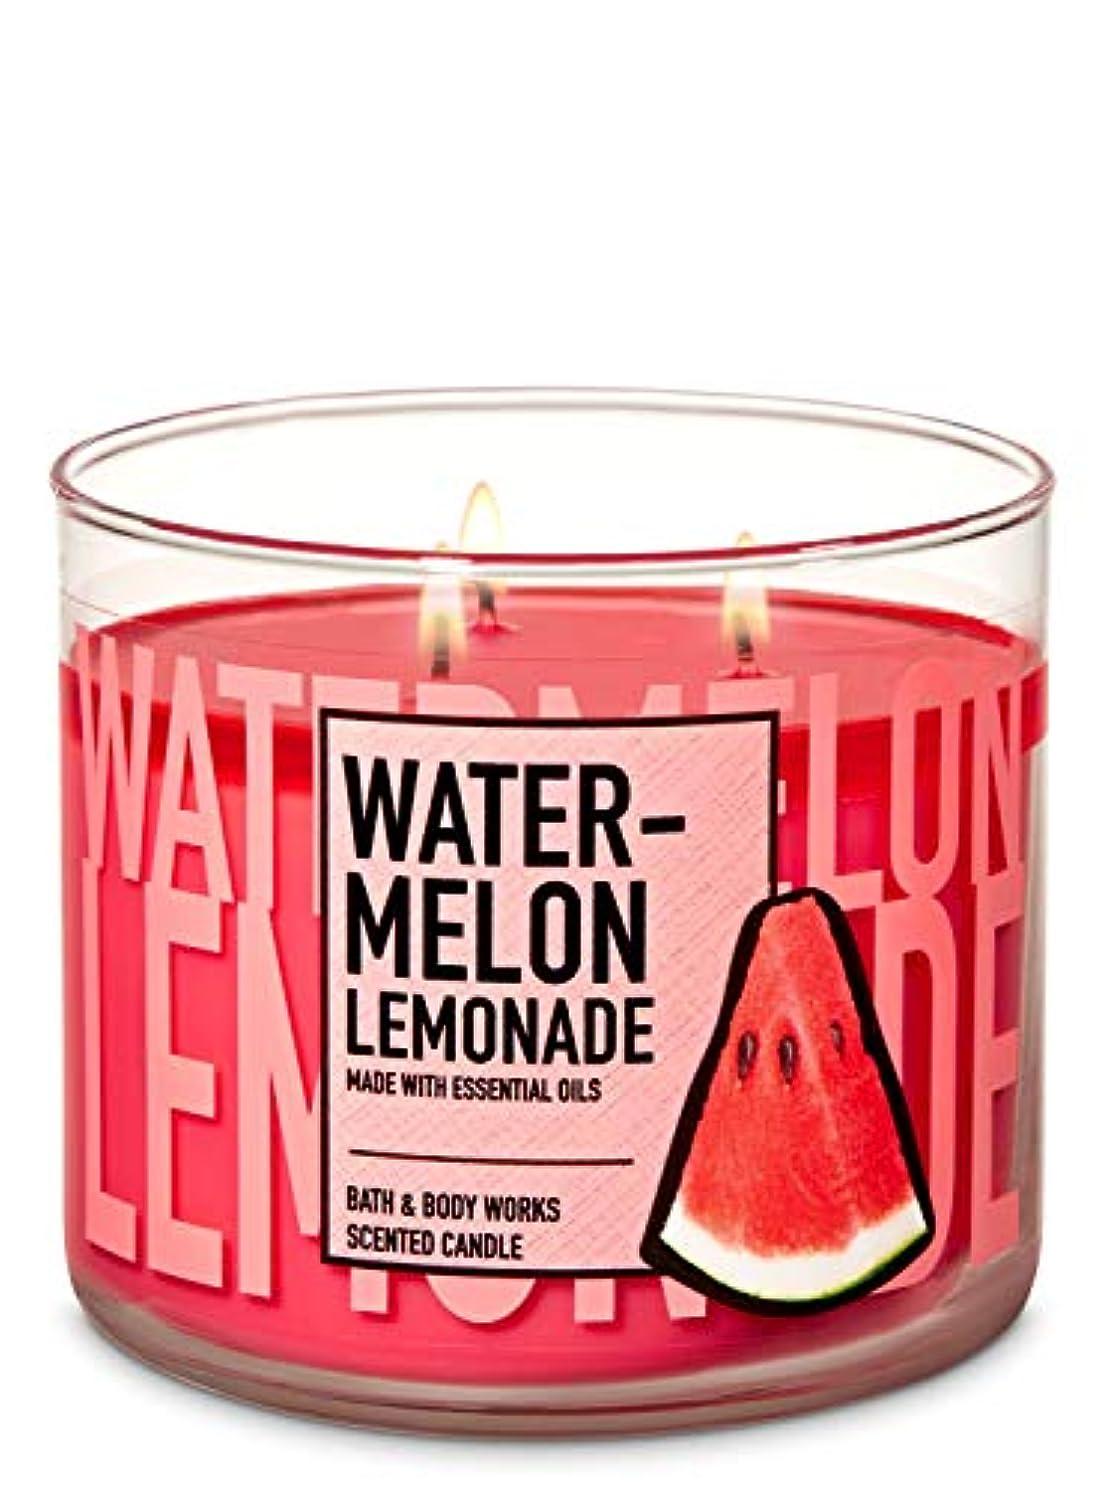 兵器庫症状永遠の【Bath&Body Works/バス&ボディワークス】 アロマキャンドル ウォーターメロンレモネード 3-Wick Scented Candle Watermelon Lemonade 14.5oz/411g [並行輸入品]